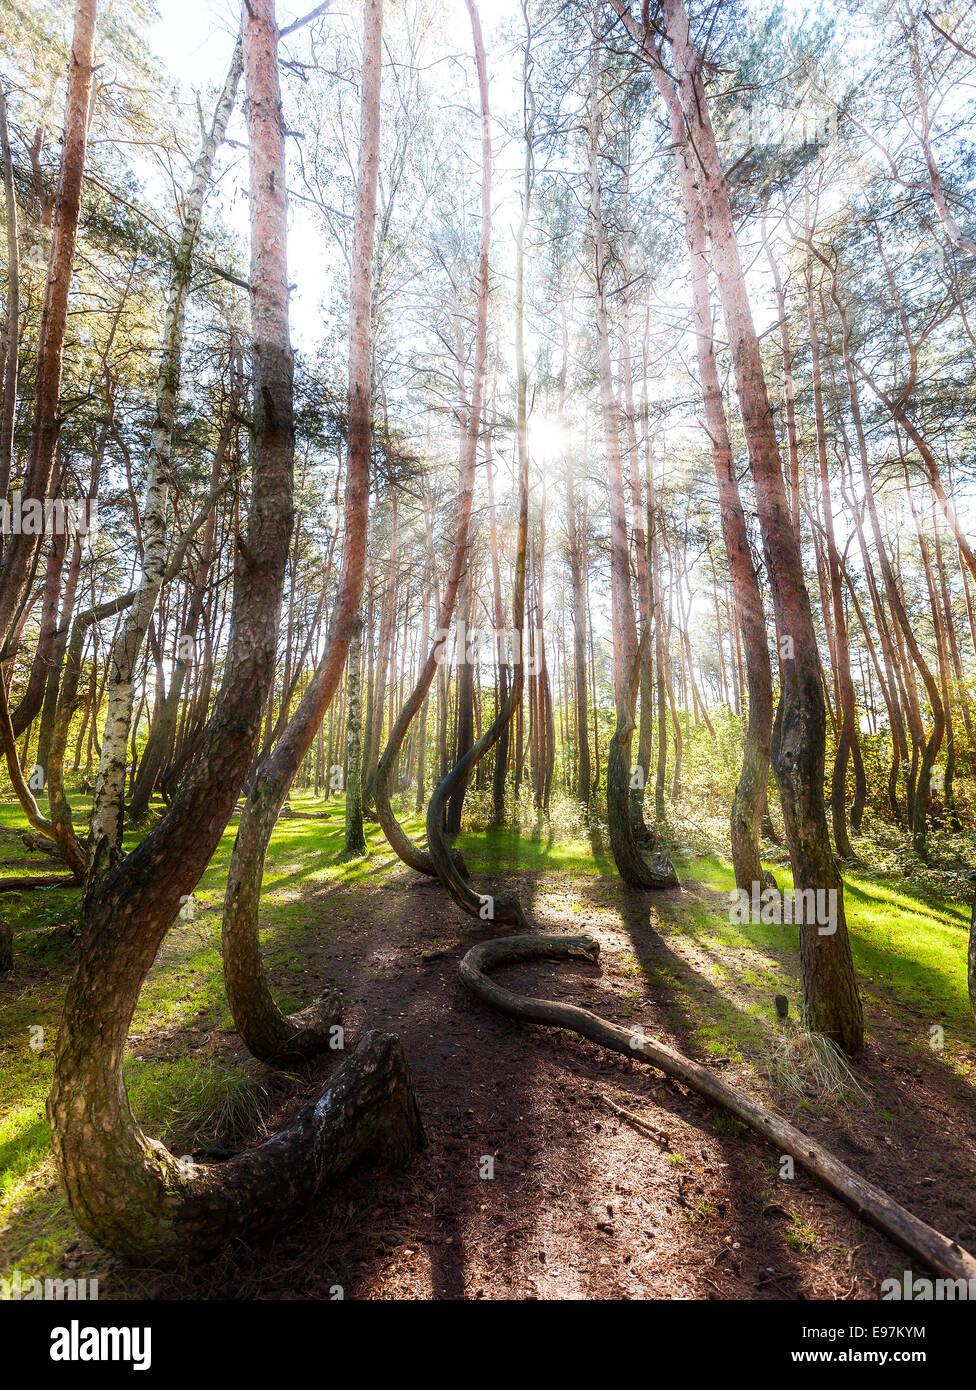 Hermosa mañana en el bosque torcido con rayos de sol y sombras largas. Imagen De Stock